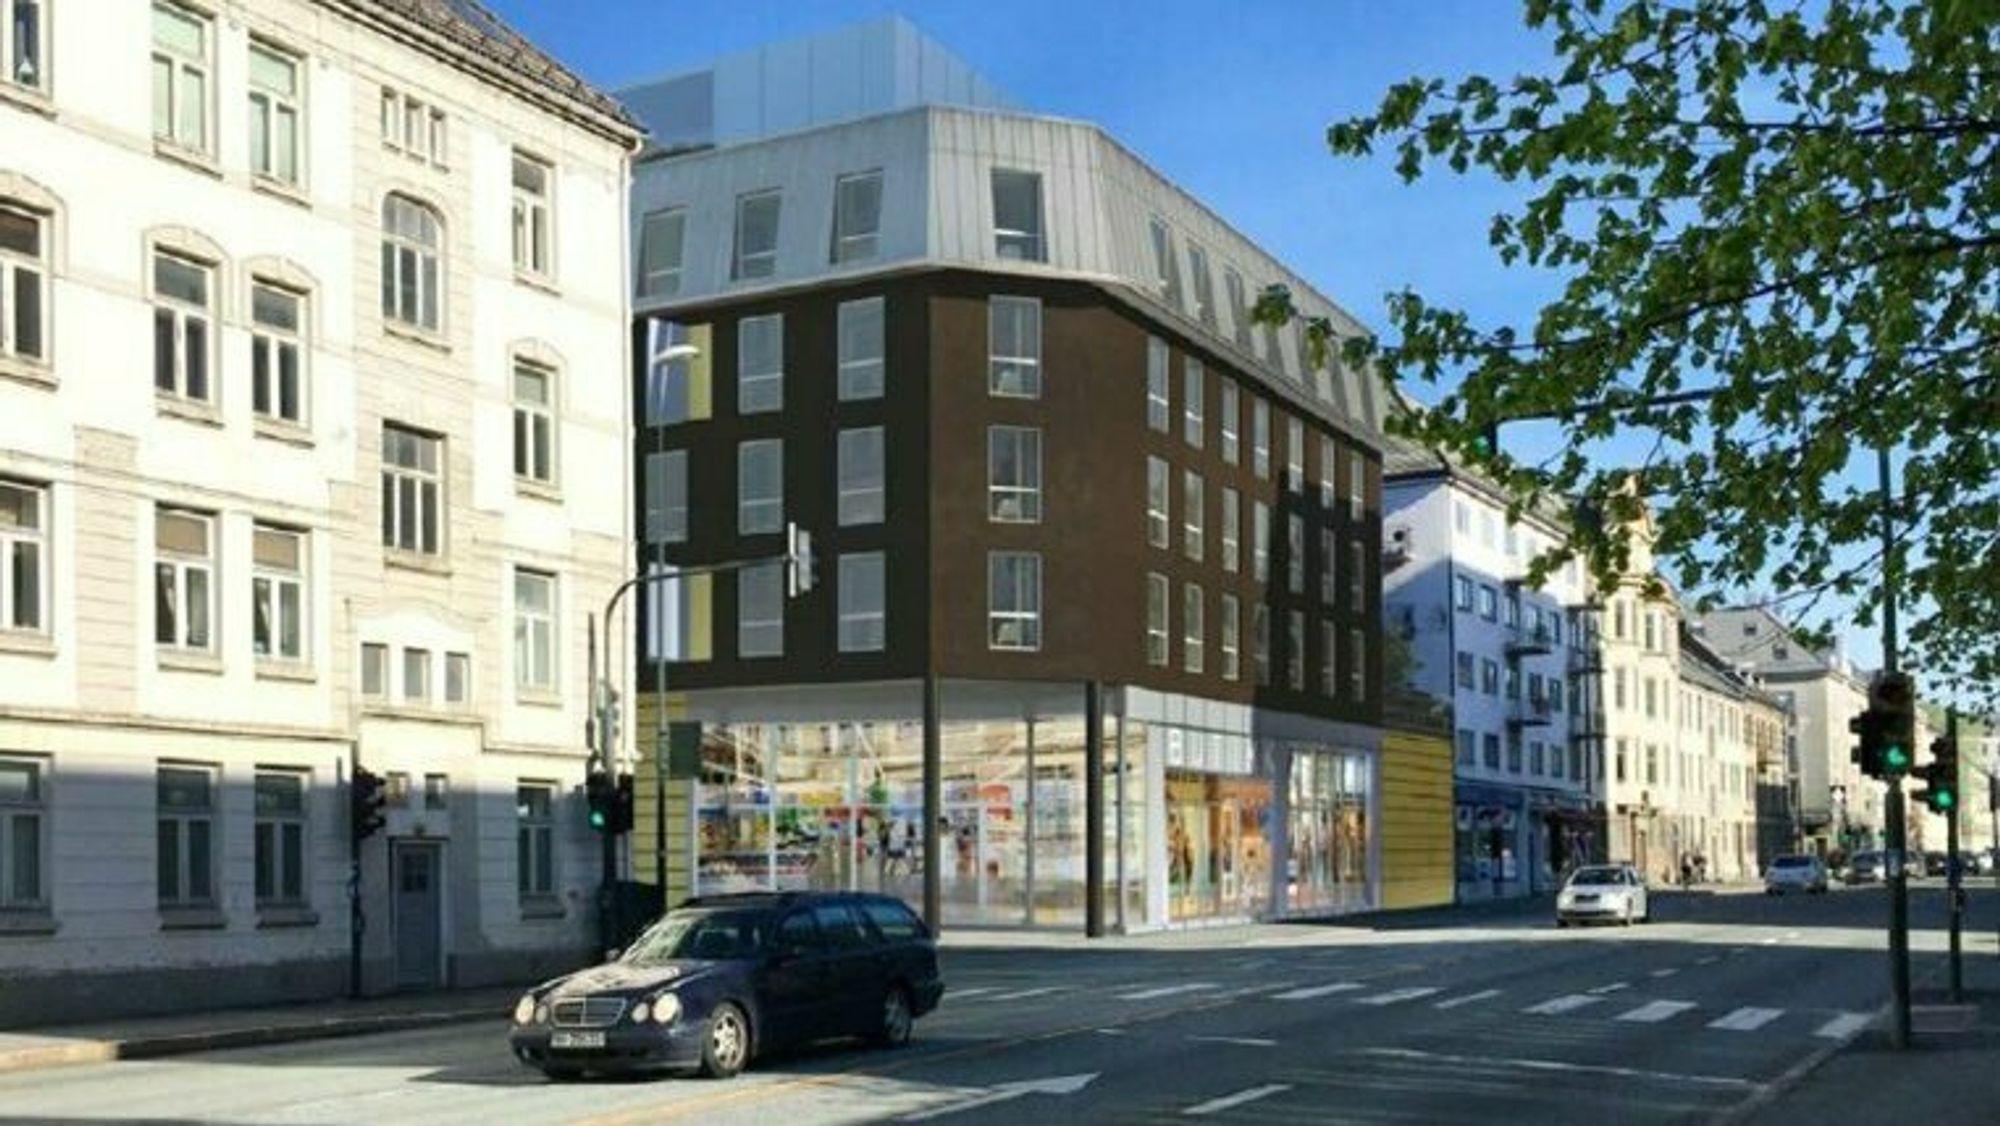 Idea var med å bygge Campus 360 i Trondheim, en fem etasjers studenbolig med 228 hybler. Bygget skal være ferdig 31. mars 2021.